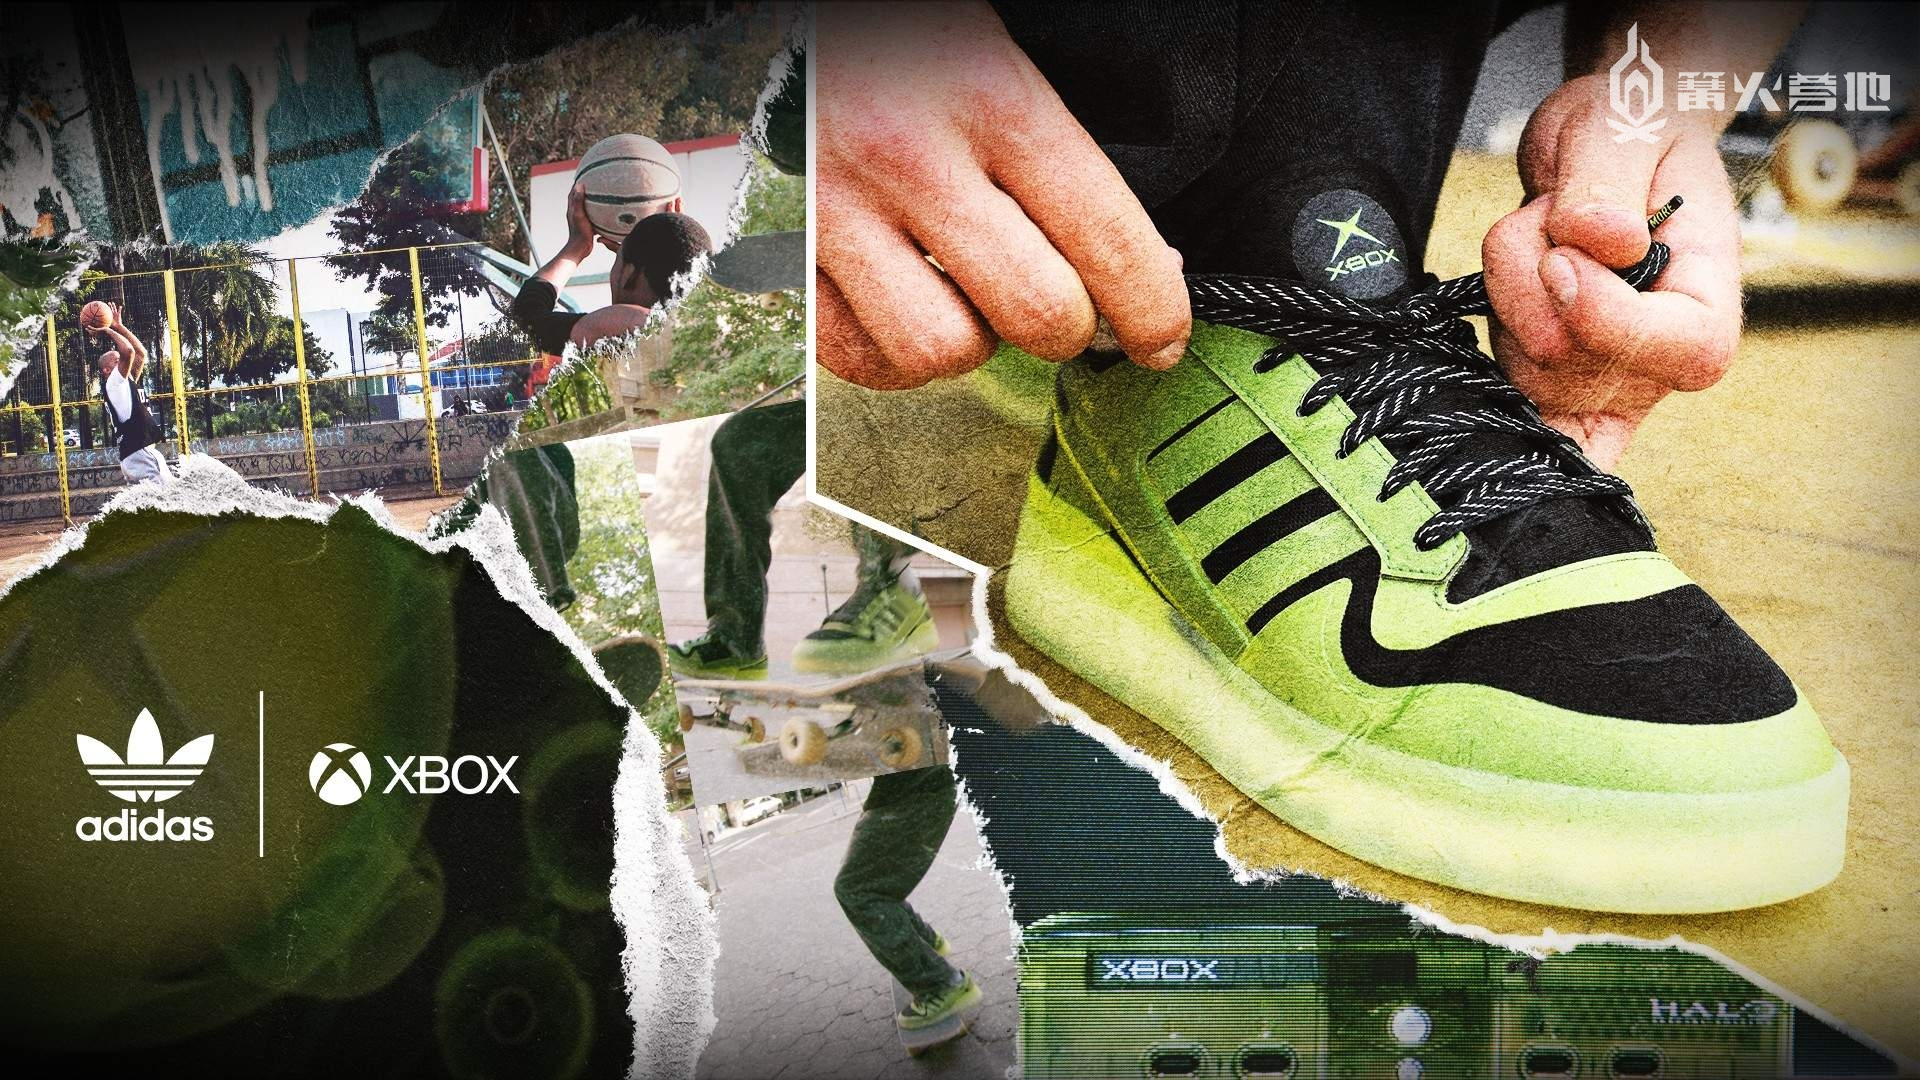 阿迪达斯宣布推出 Xbox 20 周年主题运动鞋